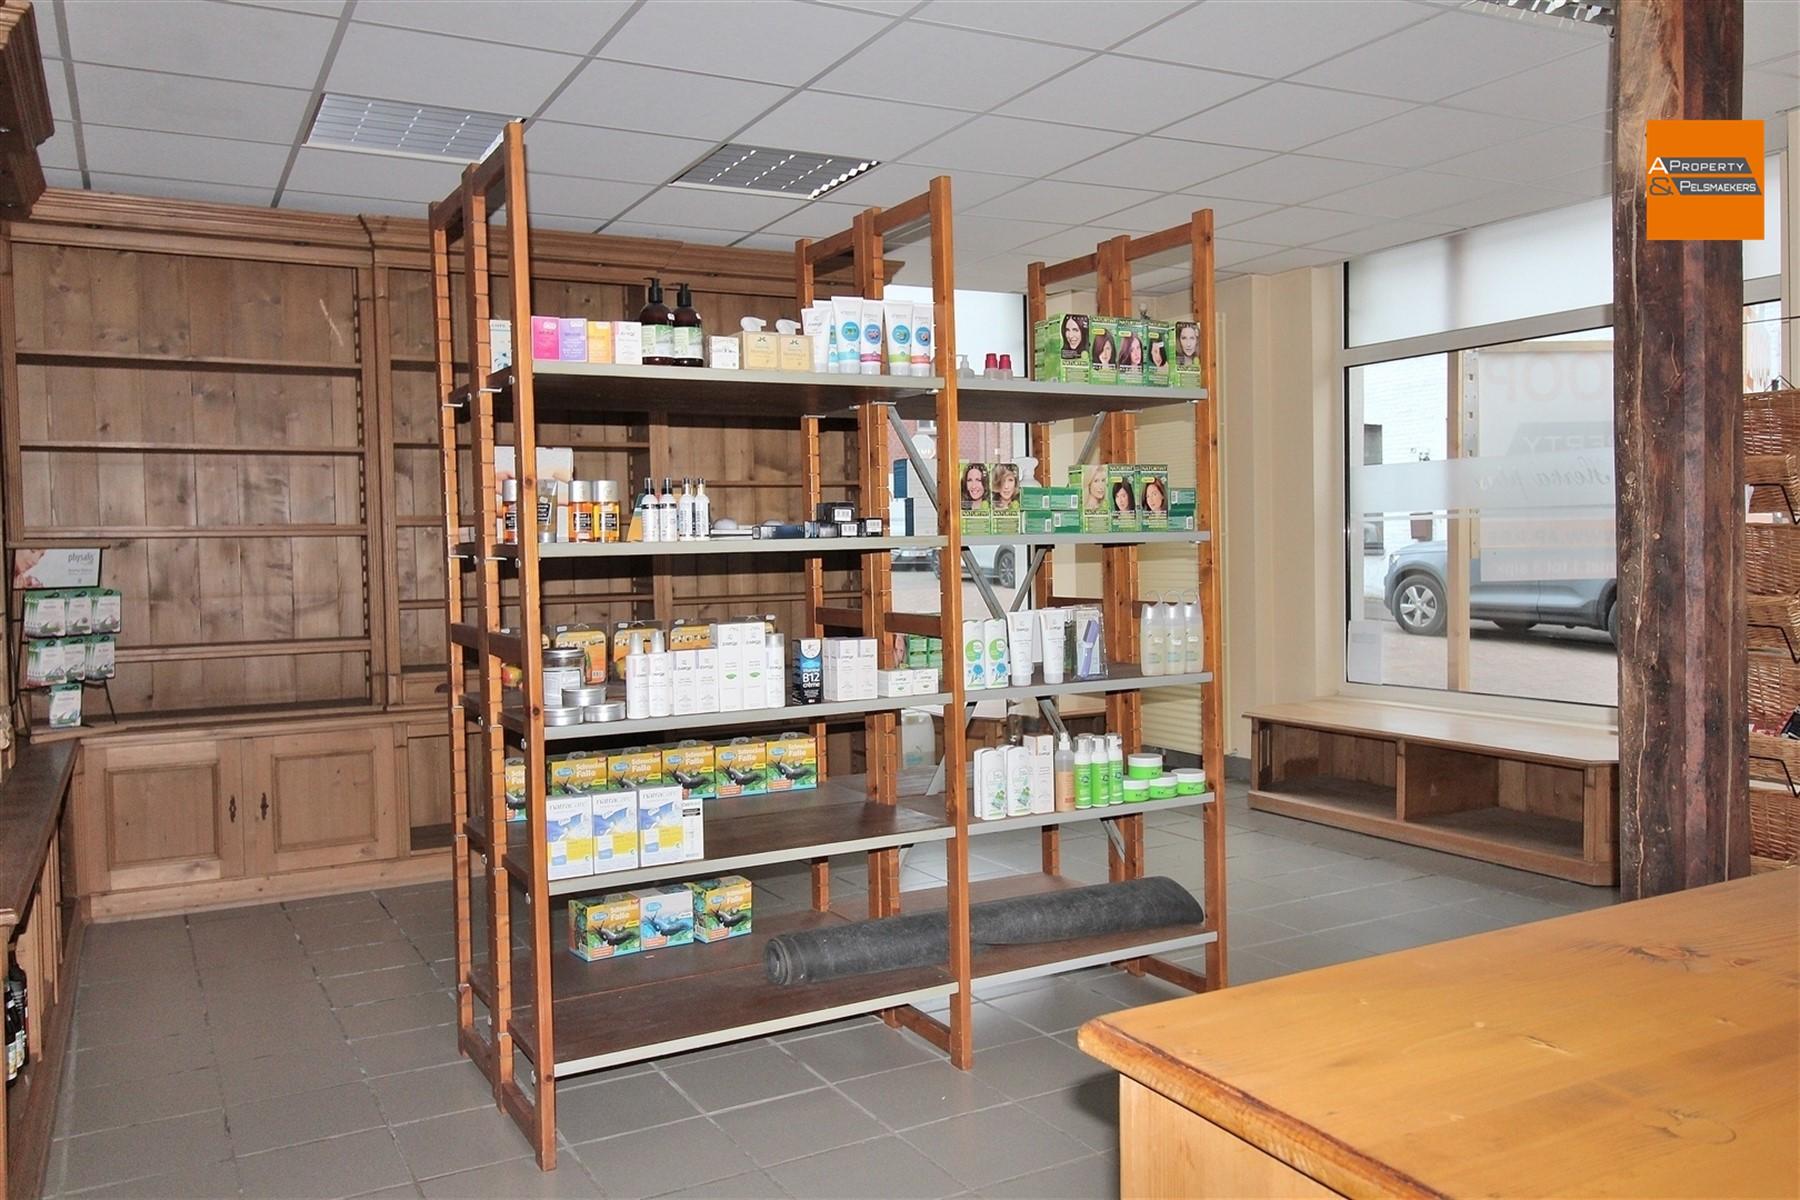 Foto 3 : Winkelruimte in 3272 TESTELT (België) - Prijs € 850